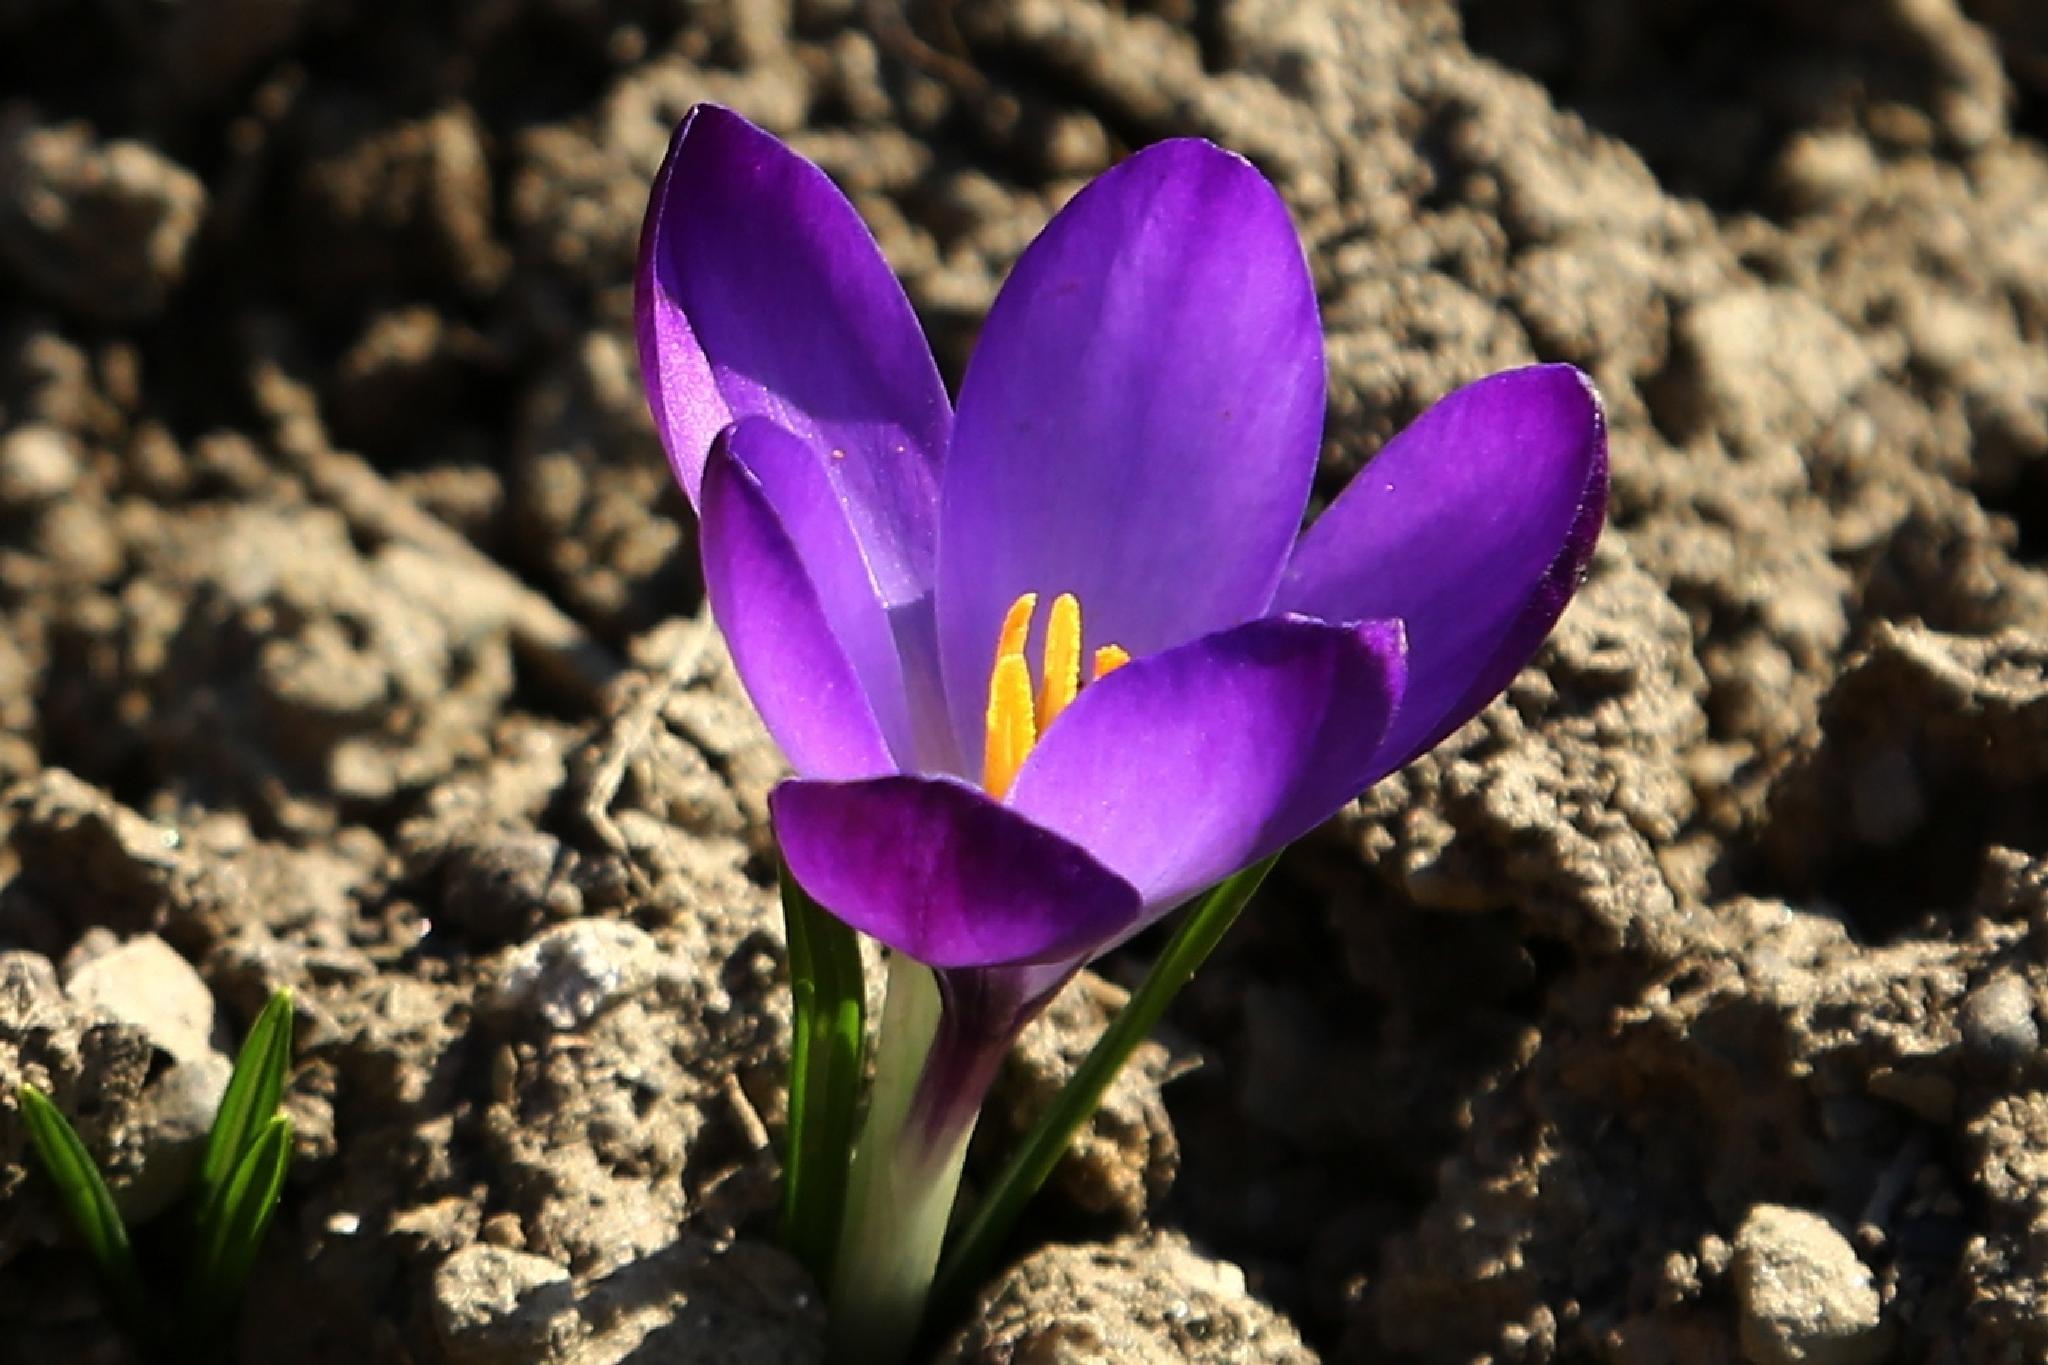 violett  by meteor14avgust